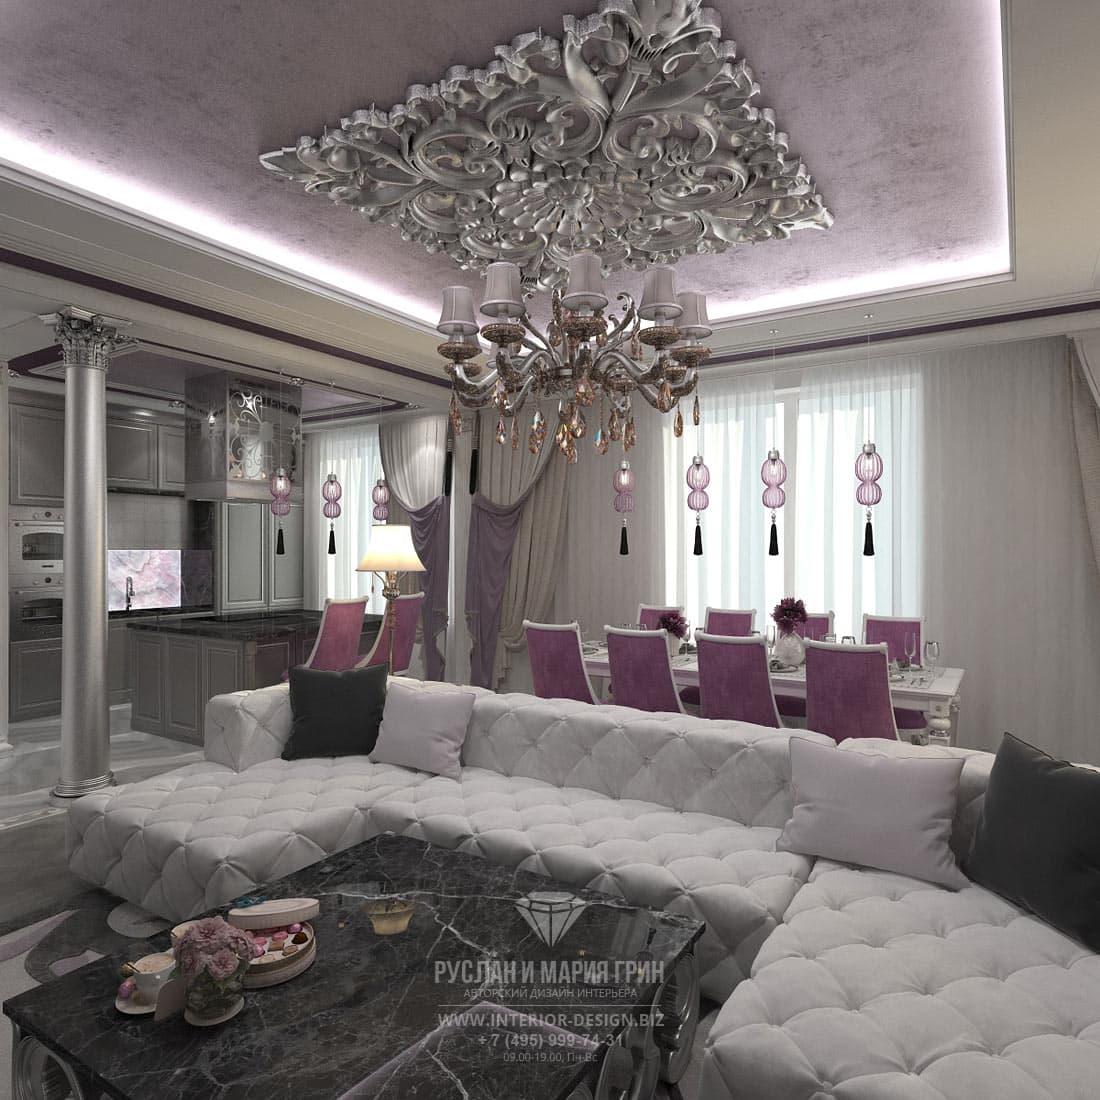 Гостиная с камином - 97 фото элегантного и необычного сочетания в интерьере